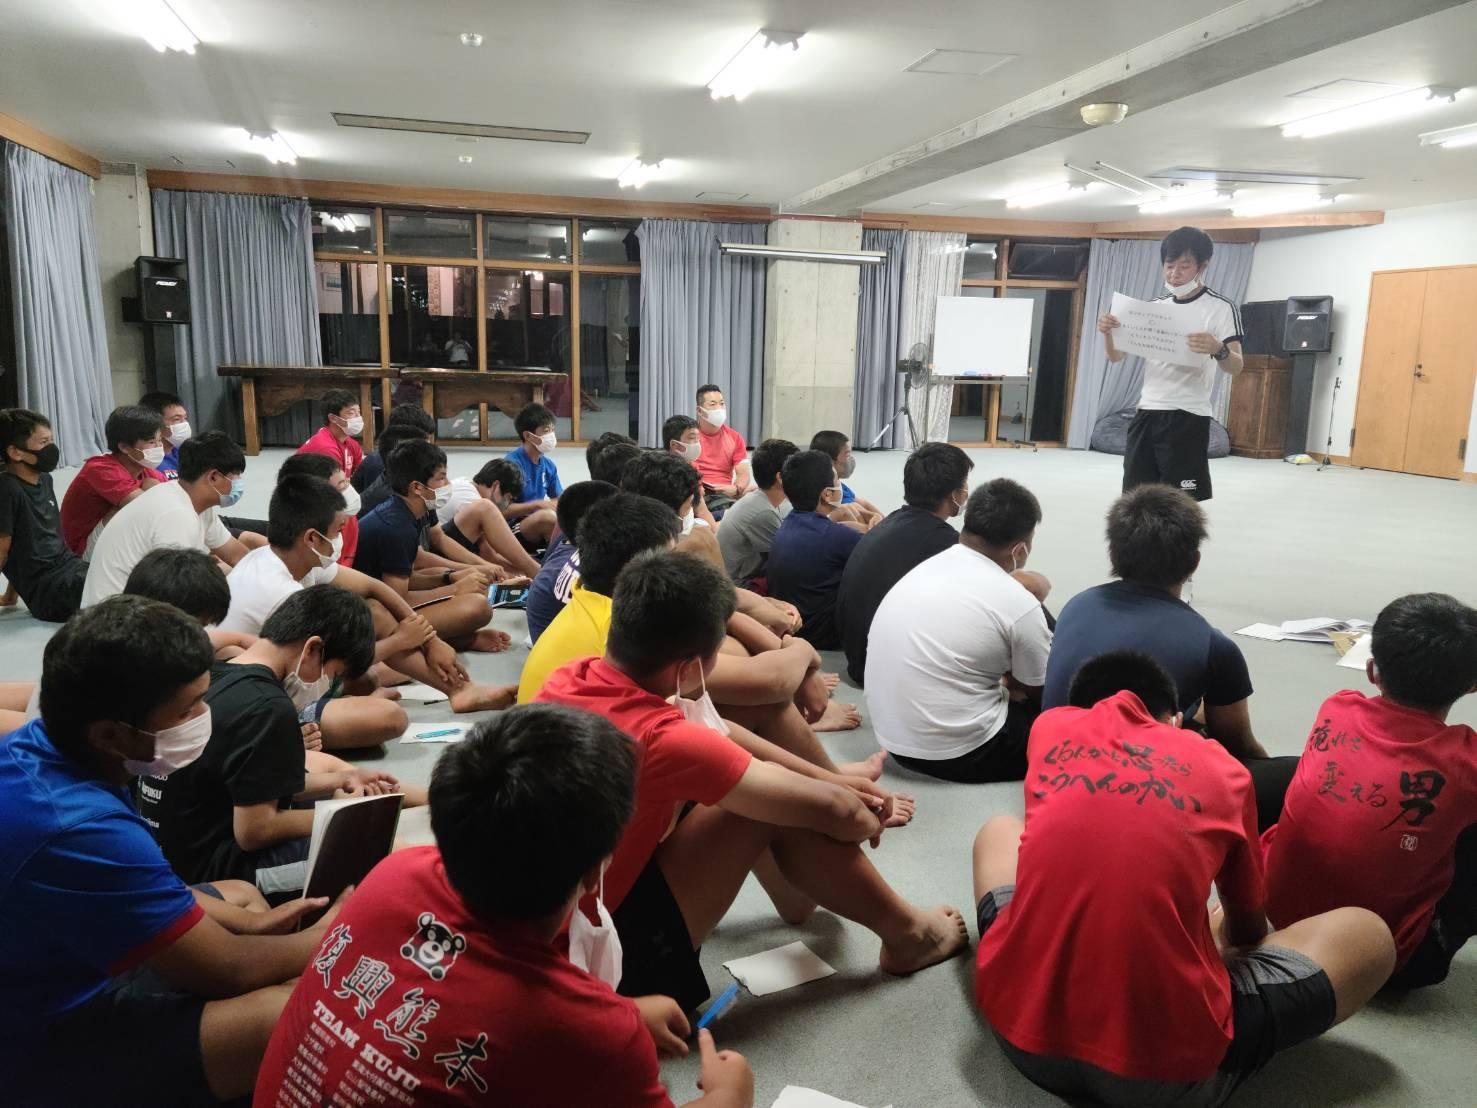 ラグビーアカデミー夏の菅平合宿で話をするスギヤスさん